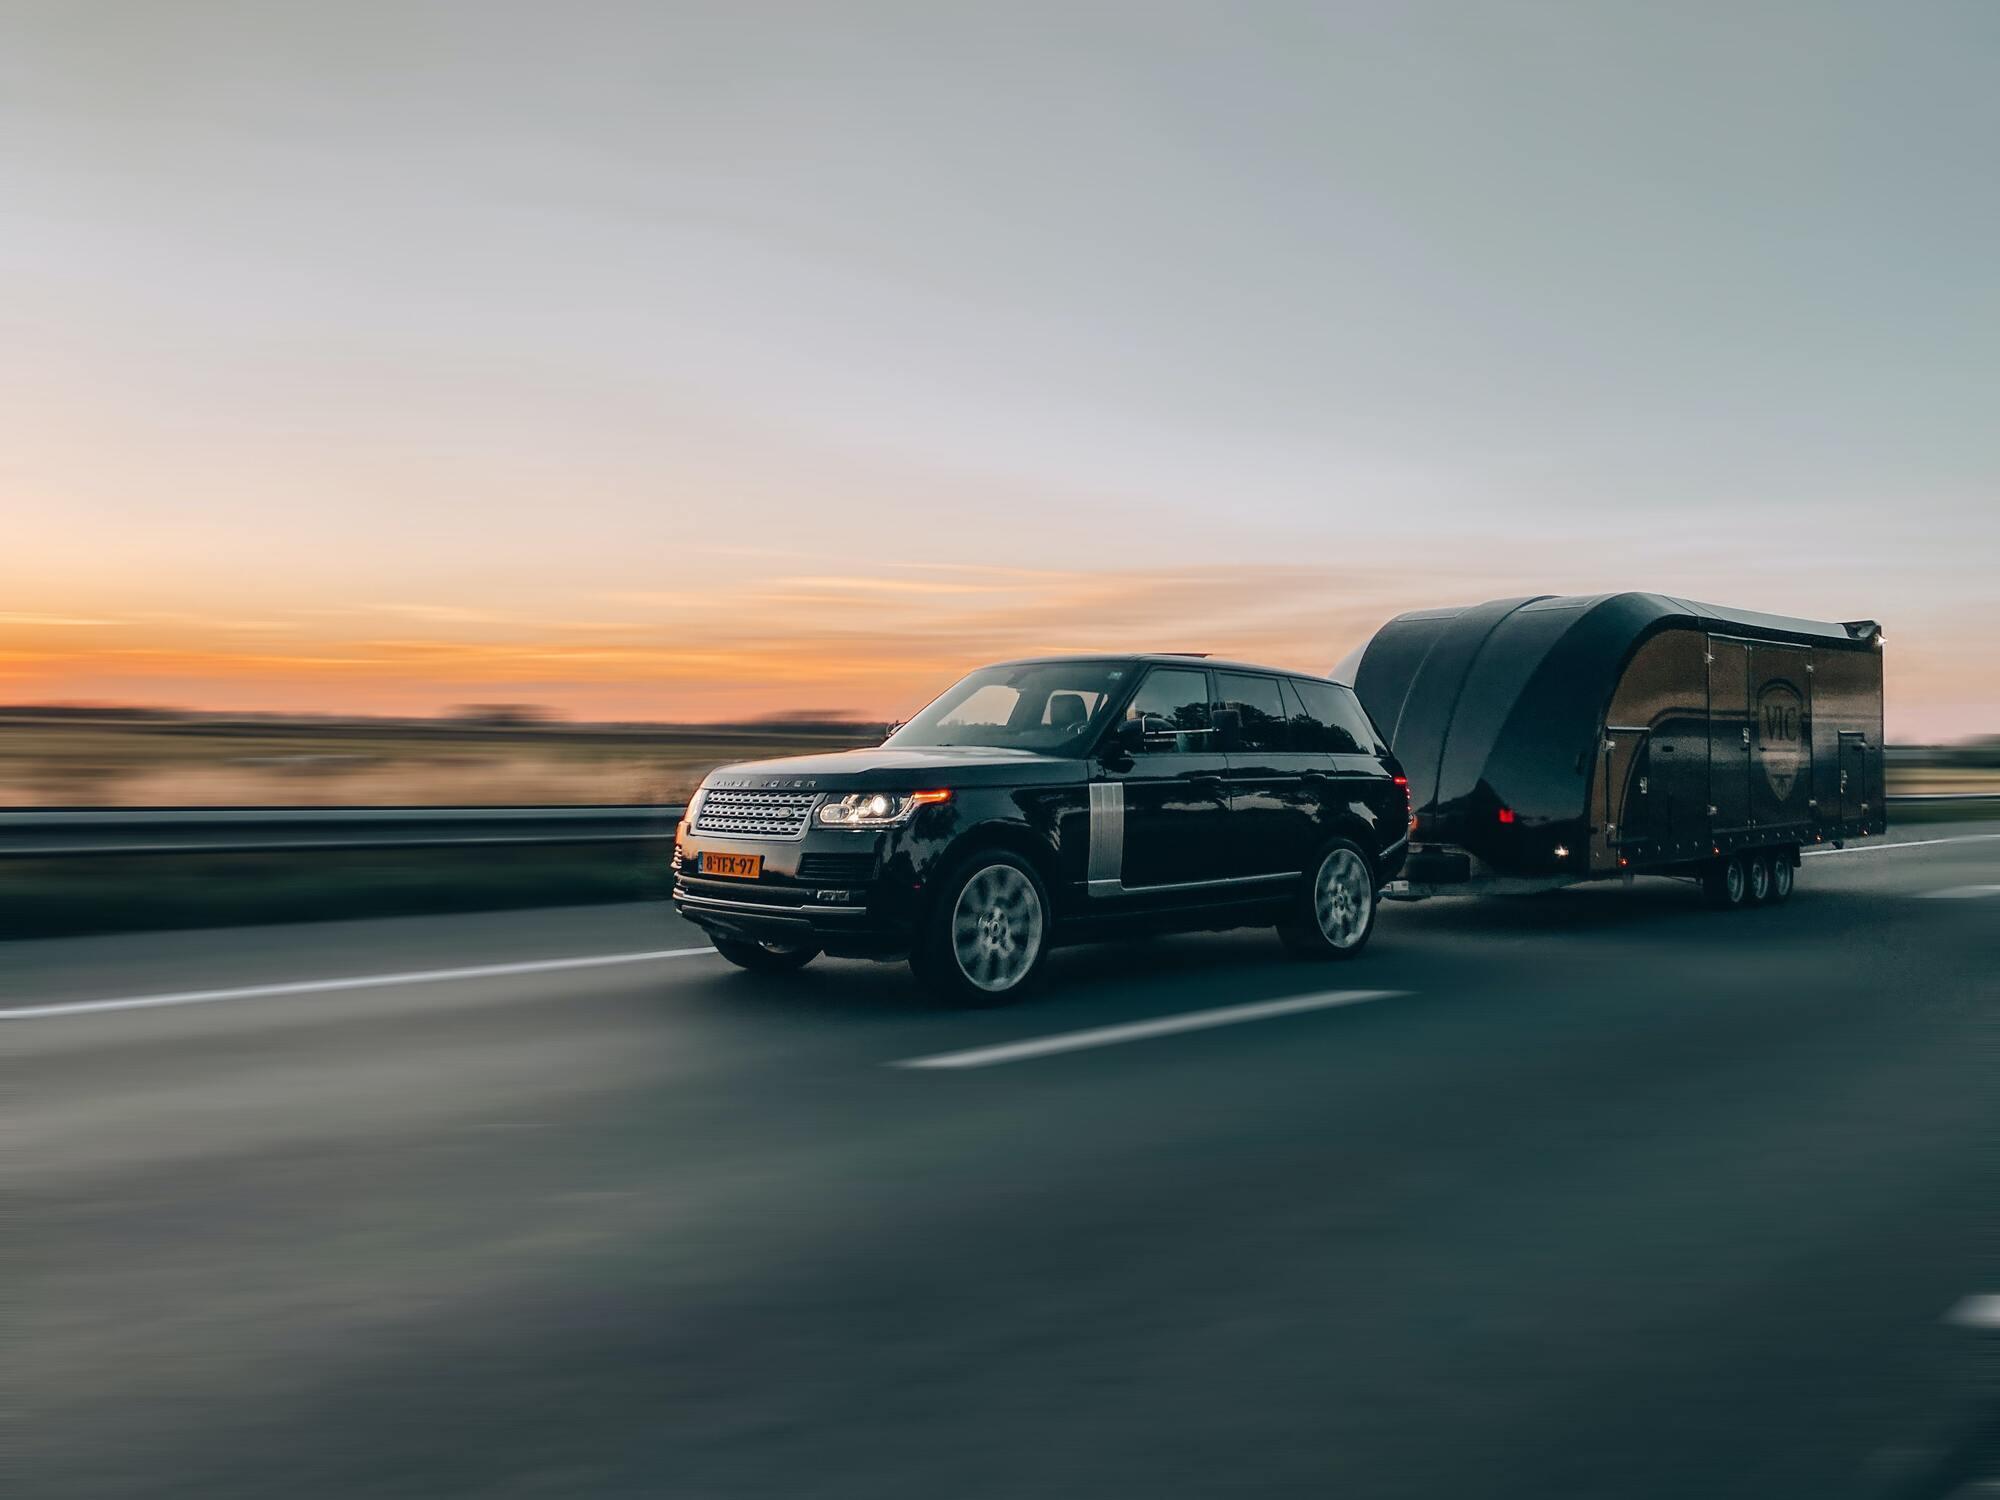 У Польщі для легкових автомобілів із причепом діють такі самі обмеження швидкості, як для вантажівок